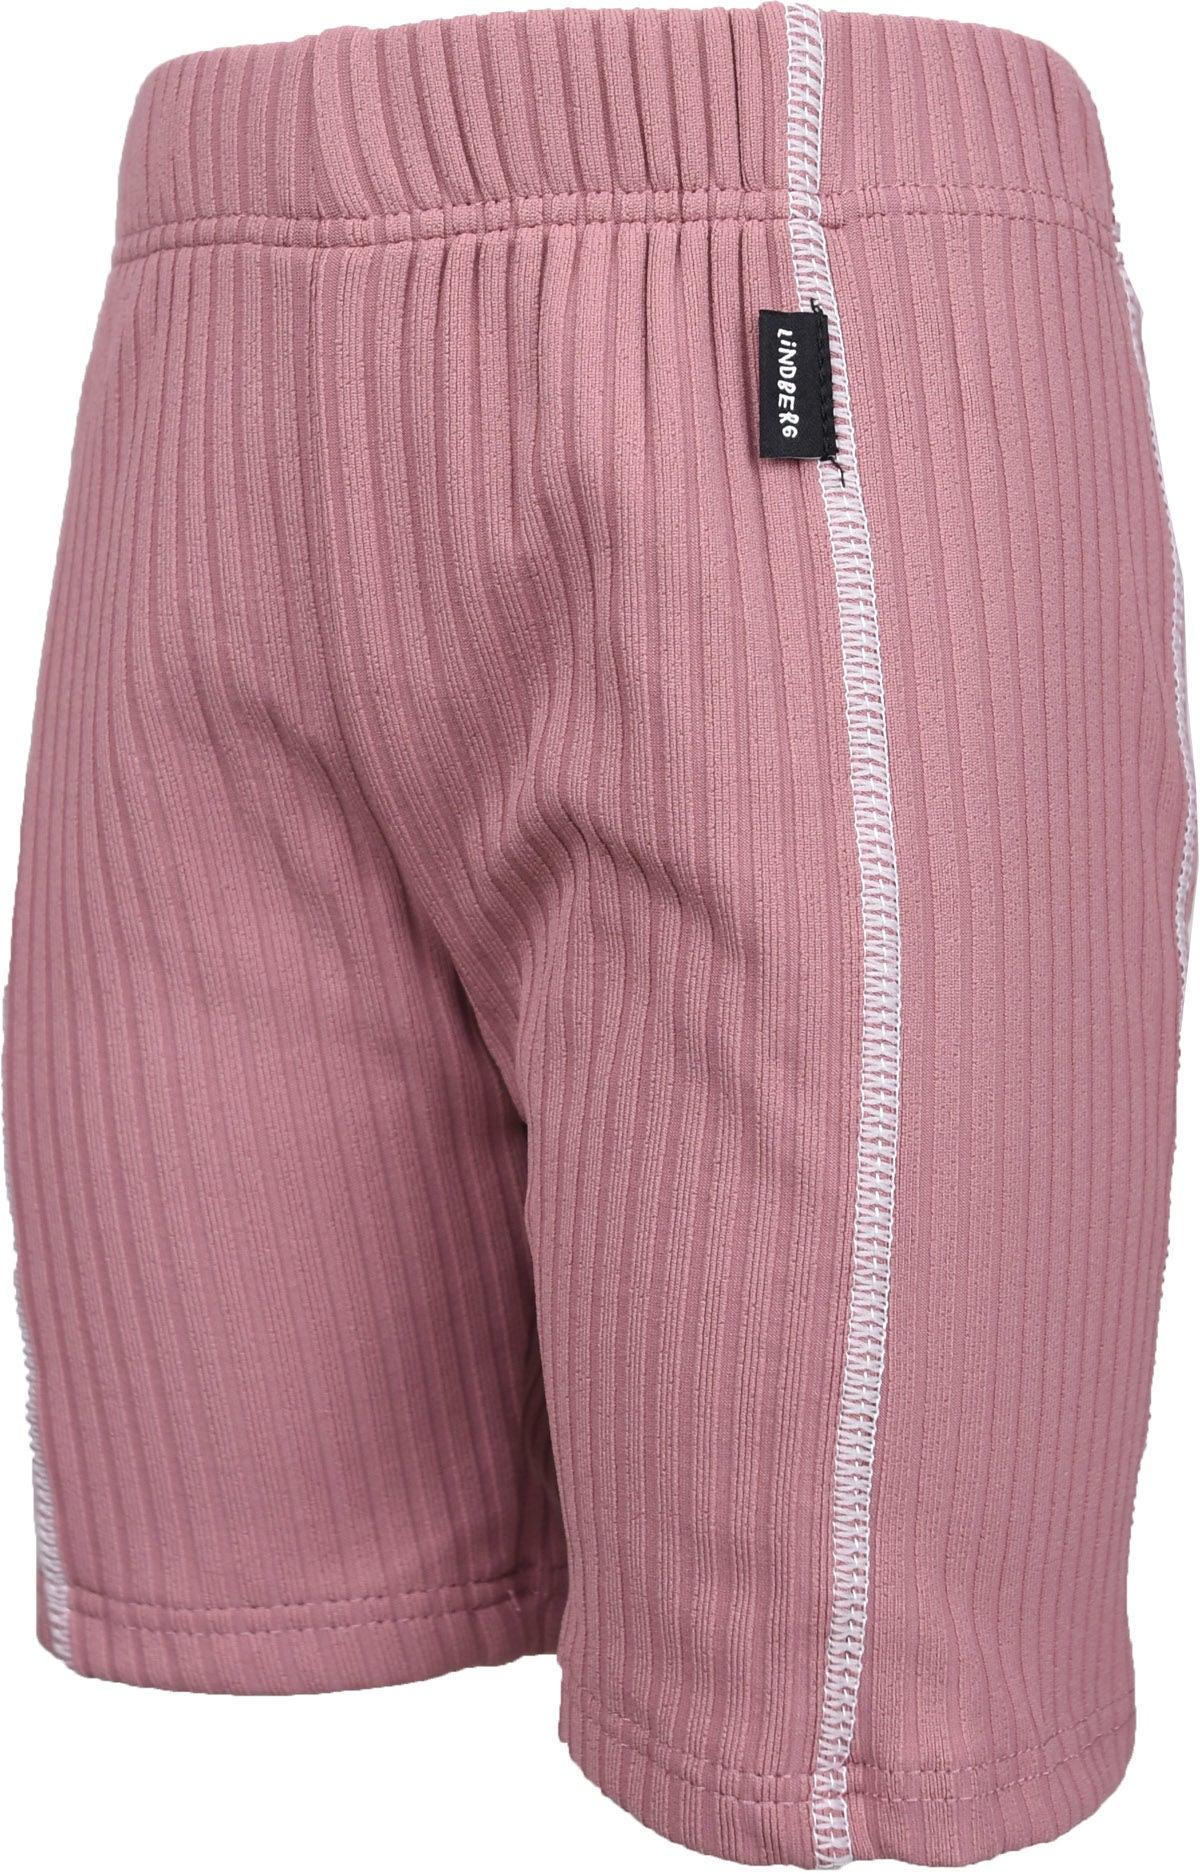 Lindberg Palermo UV-Shorts UPF50+, Rose, 74/80